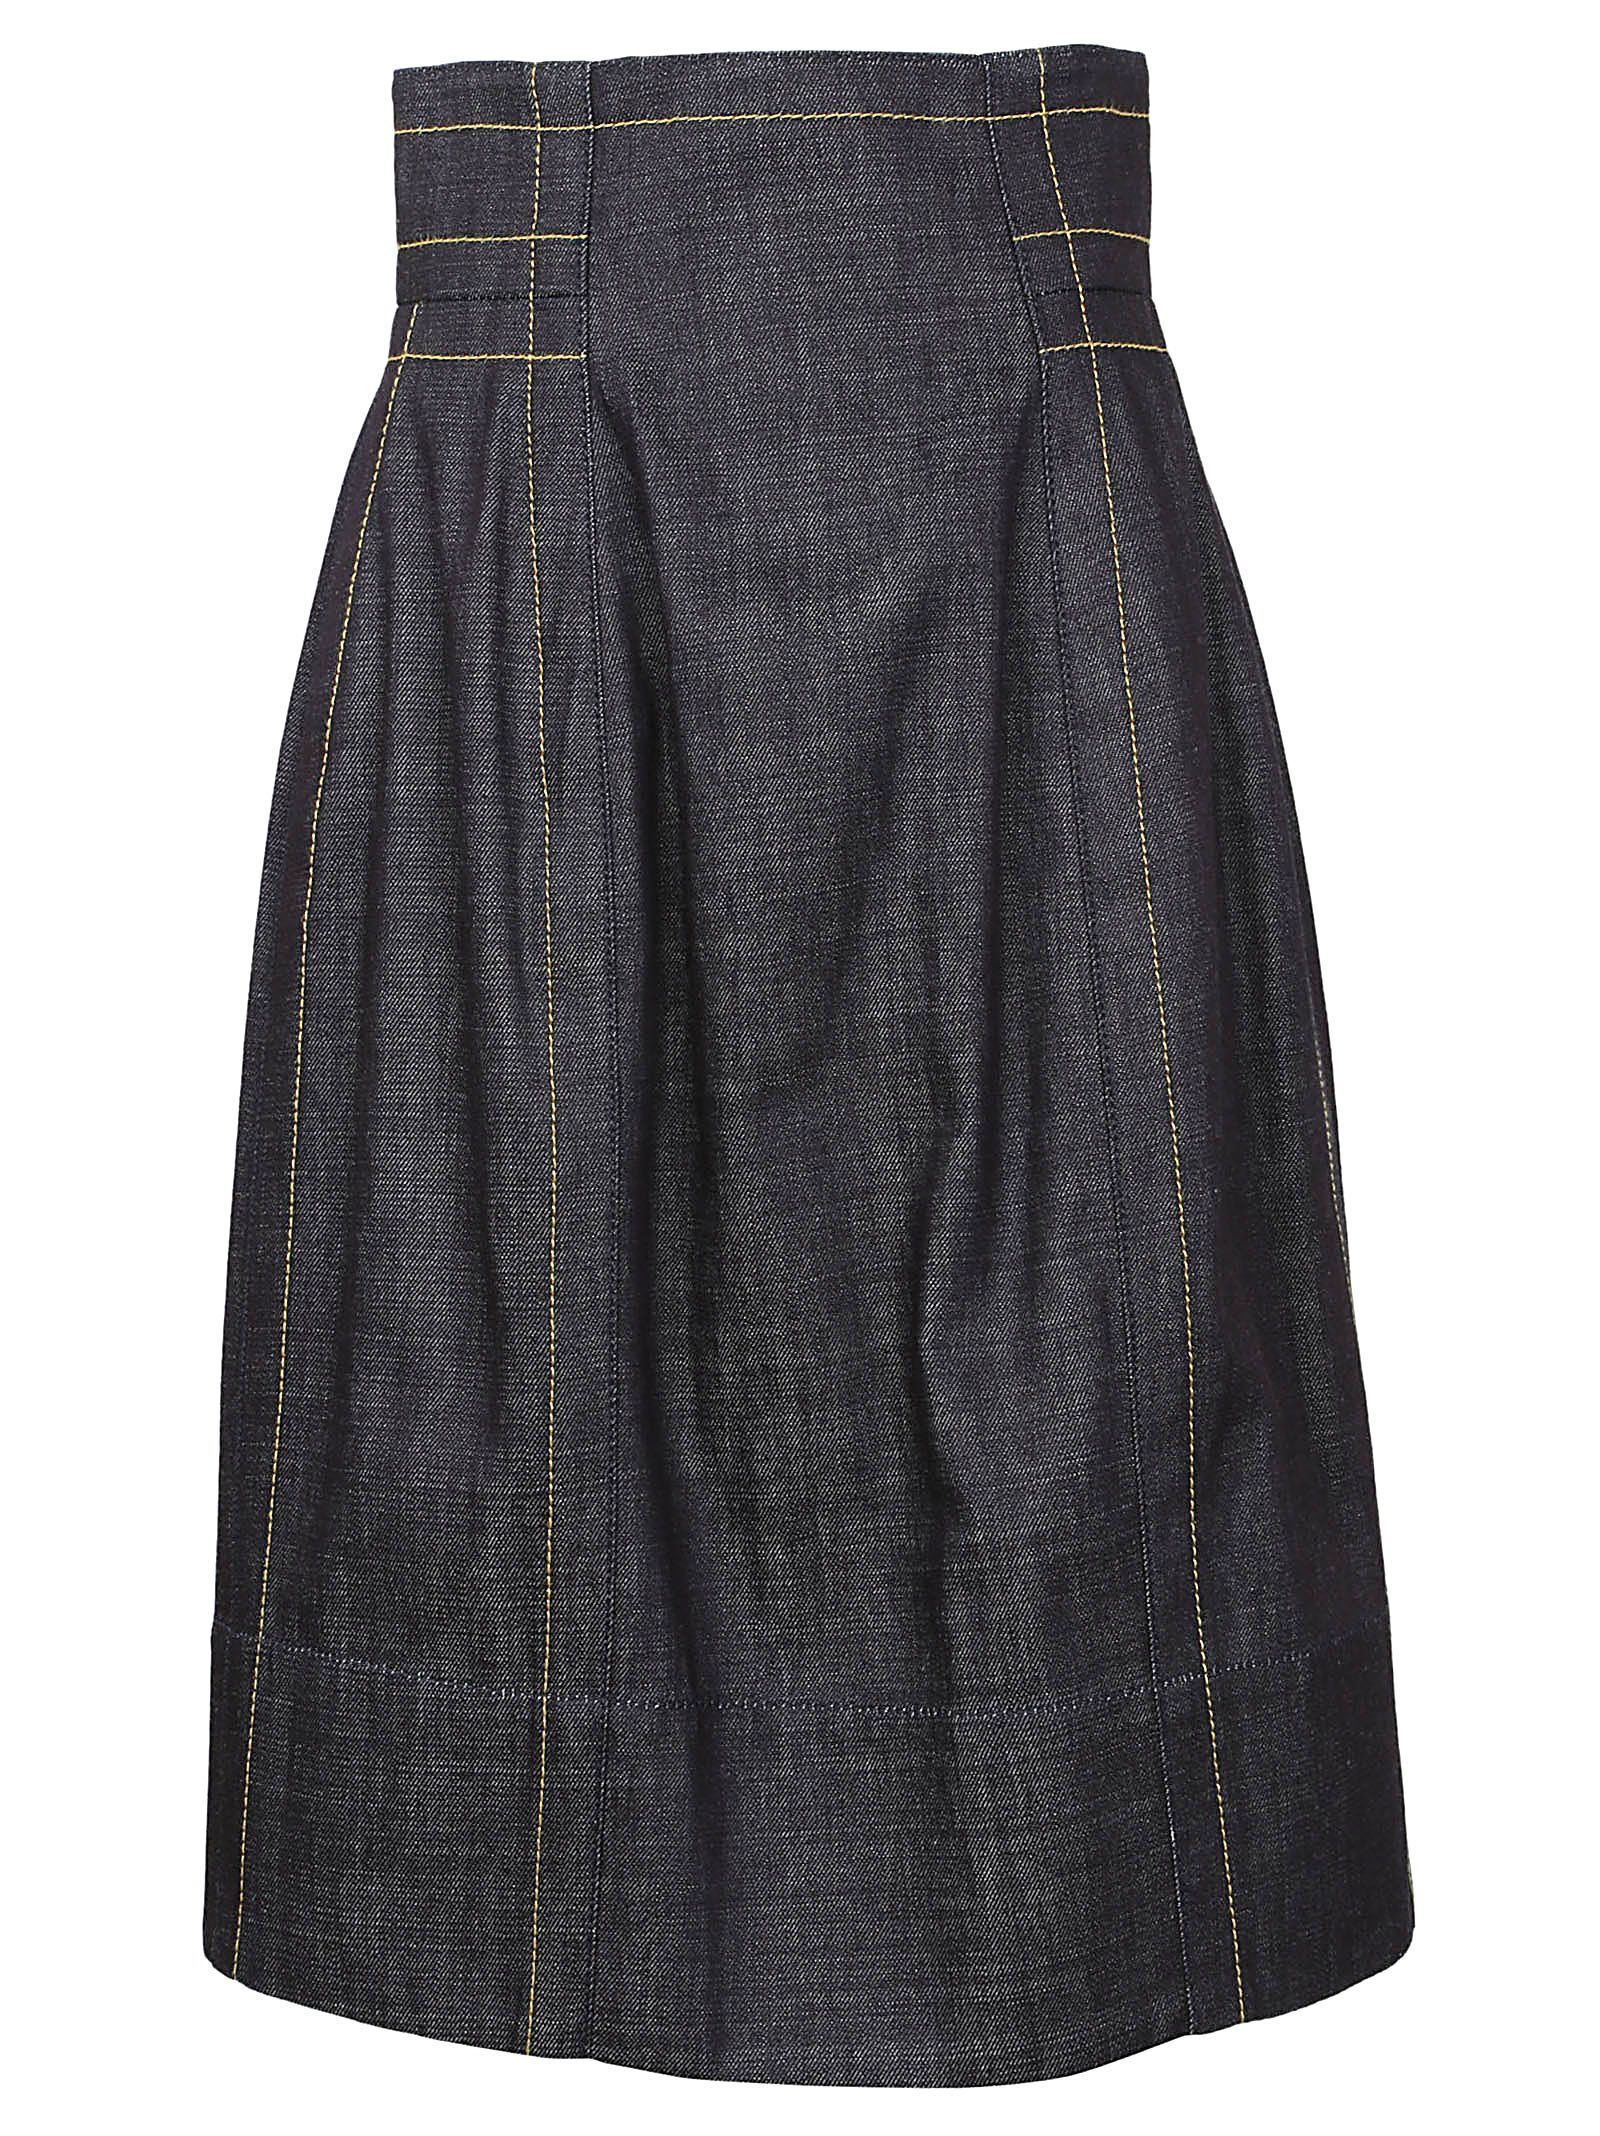 Marni High Waisted Skirt